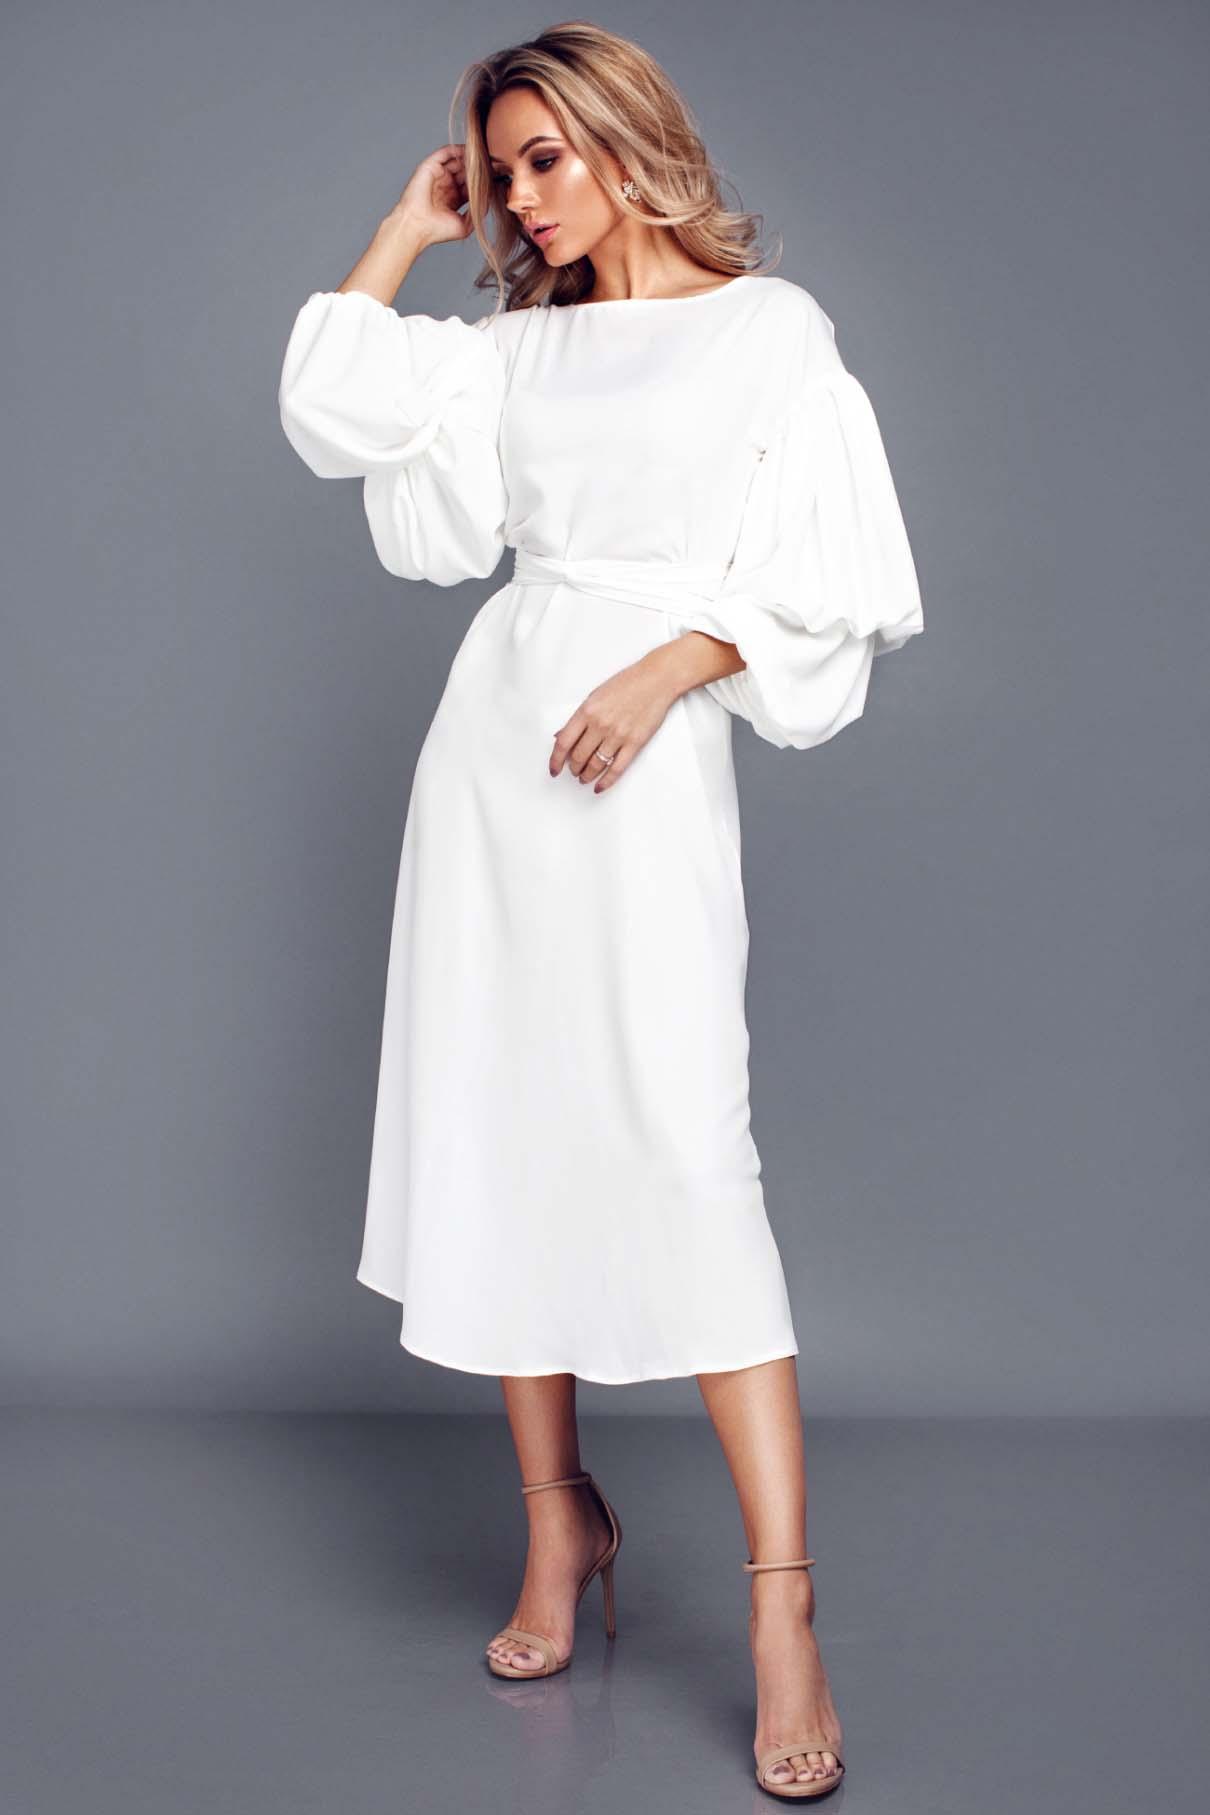 88006d5d76a White wrap-over dress